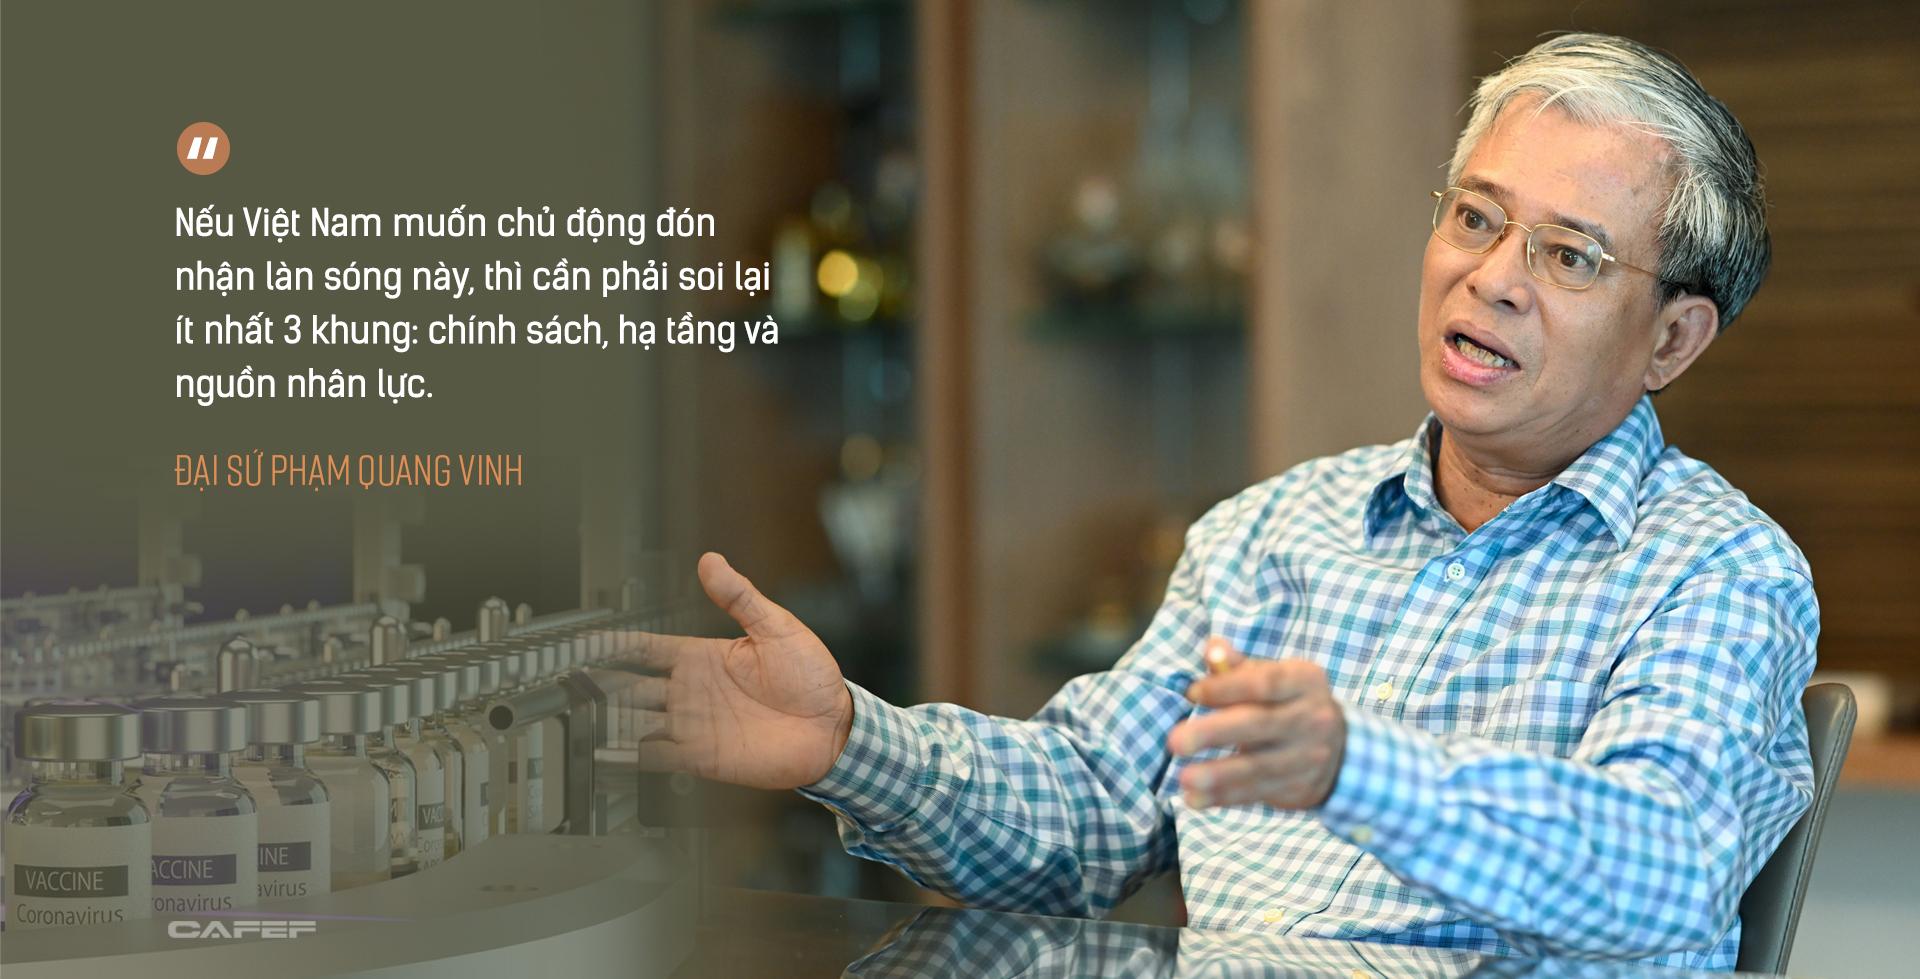 Đại sứ Phạm Quang Vinh: Đằng sau chuyến thăm lần đầu của một Phó Tổng thống Mỹ và kỳ vọng Việt Nam thành 'hub' sản xuất vaccine khu vực - Ảnh 8.